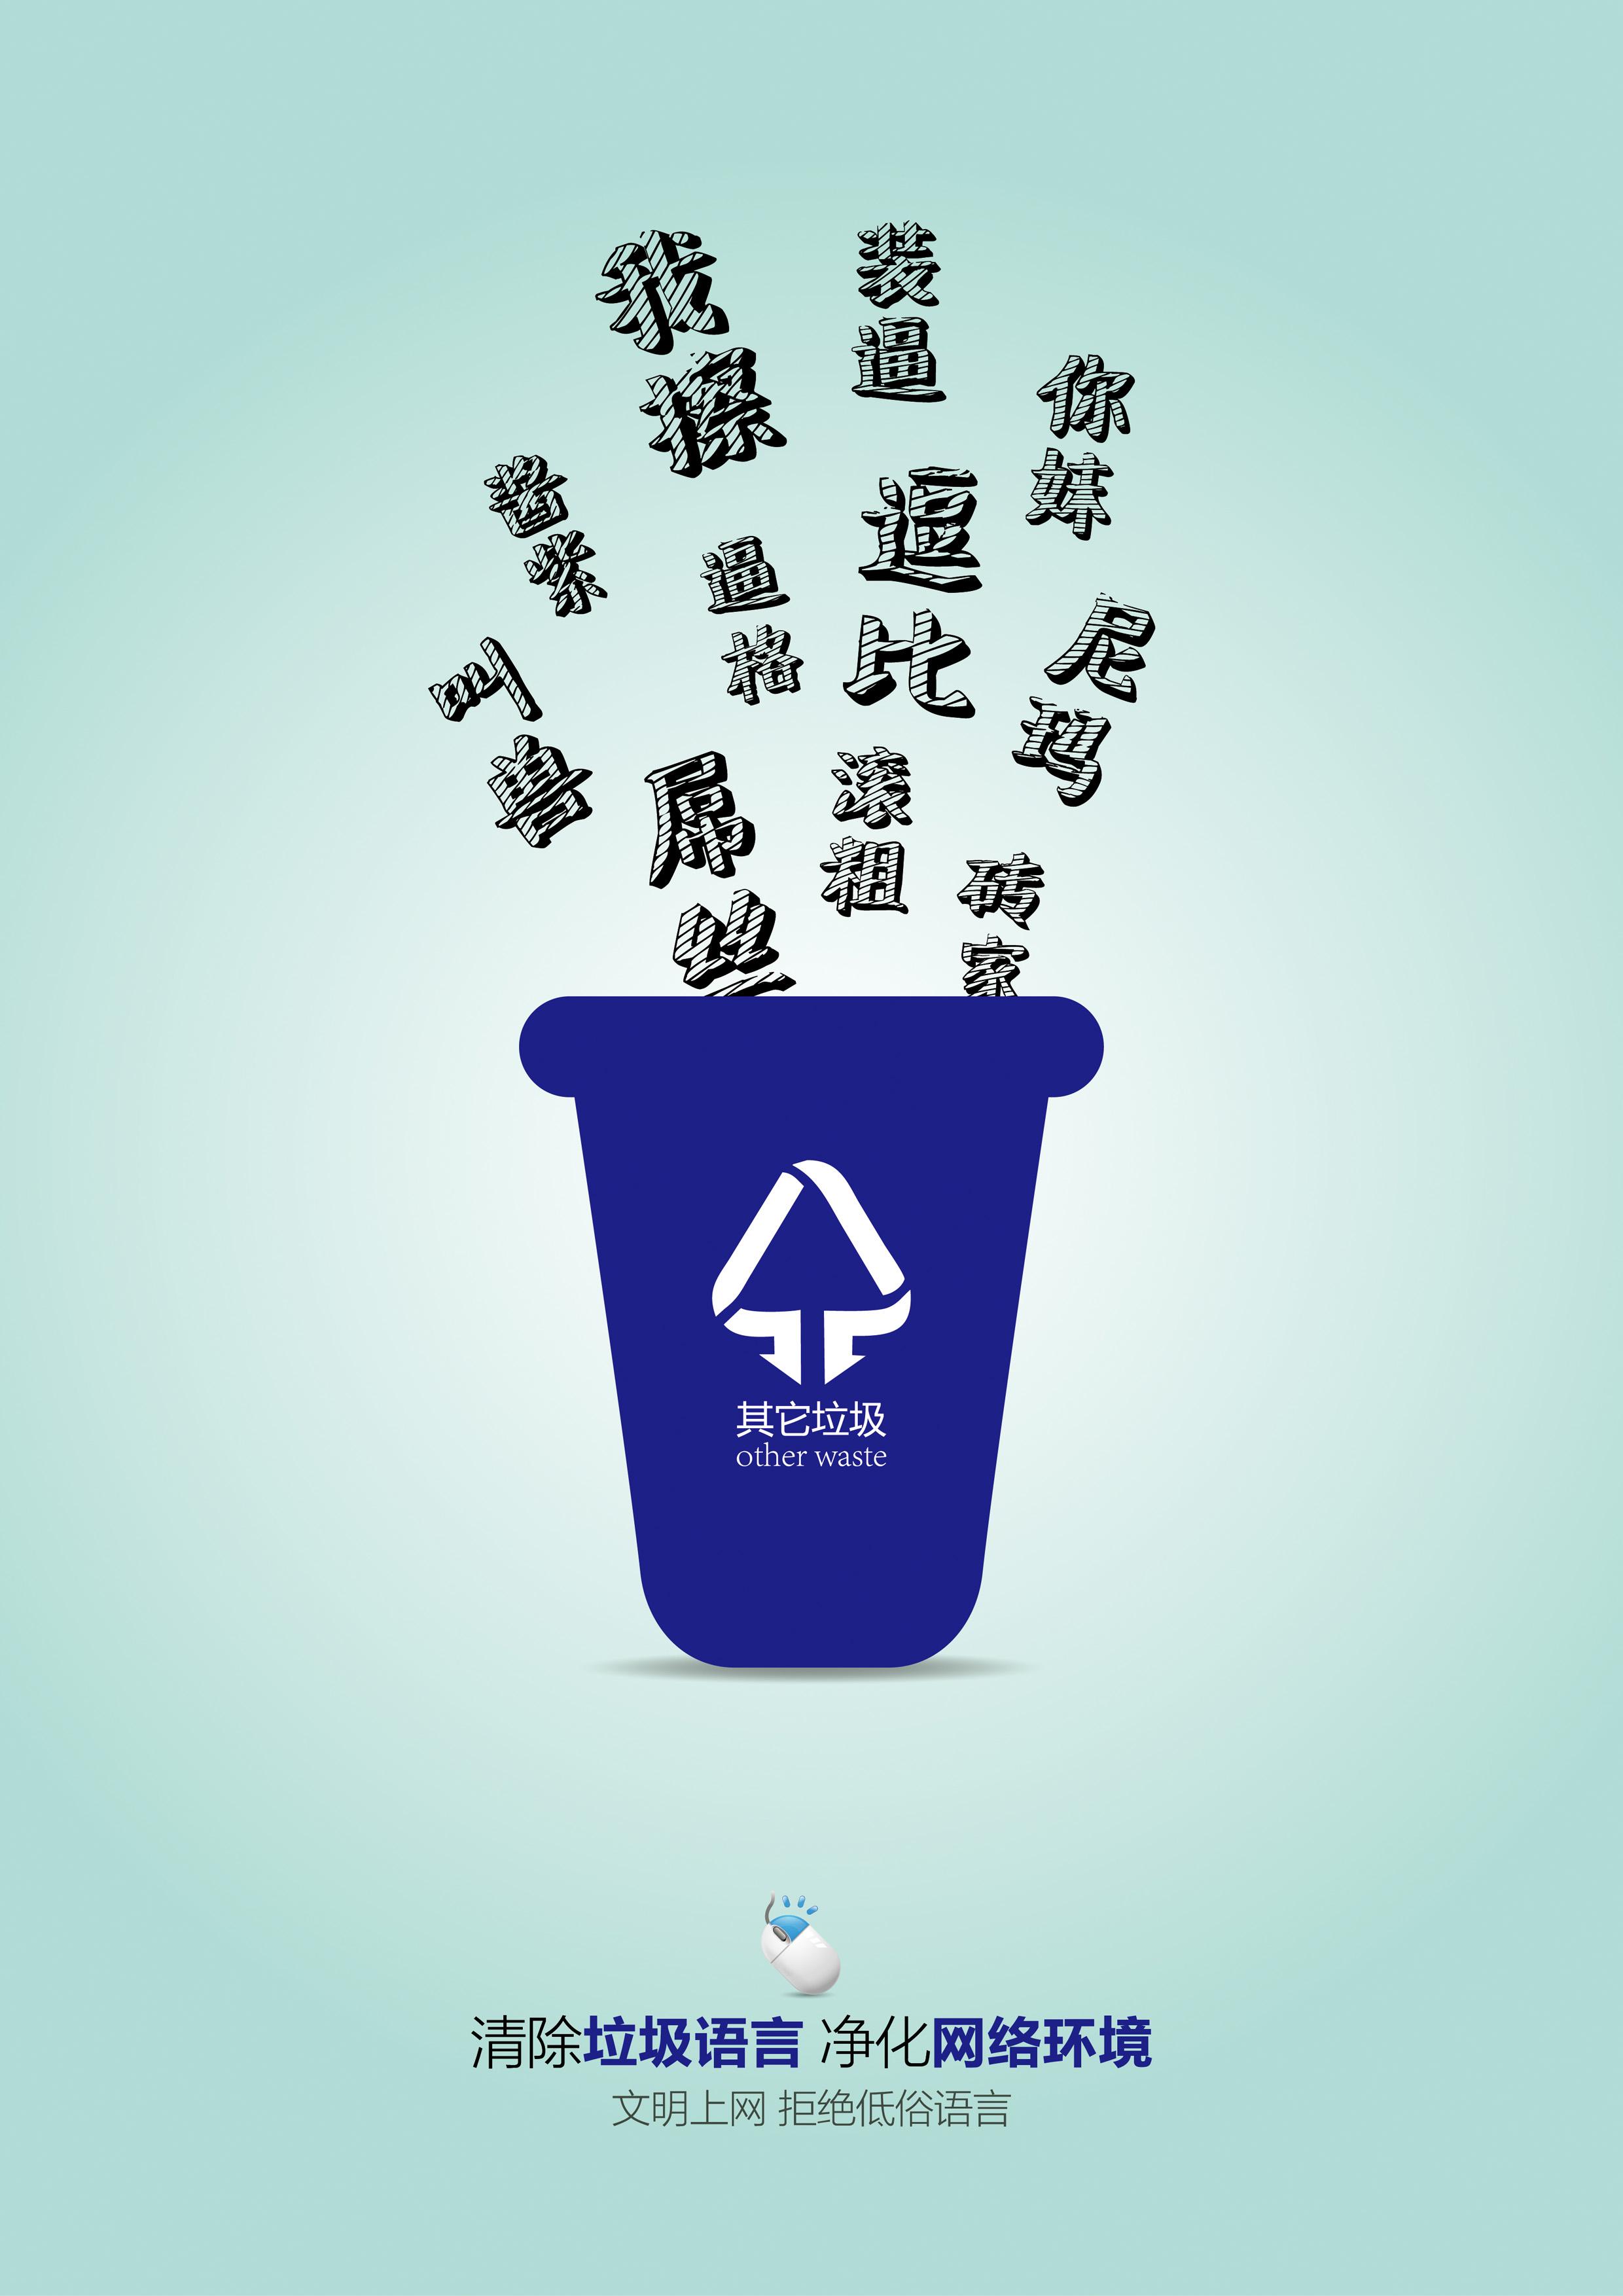 """公益广告设计活动""""平面作品173号:清除垃圾语言 净化网络环境"""